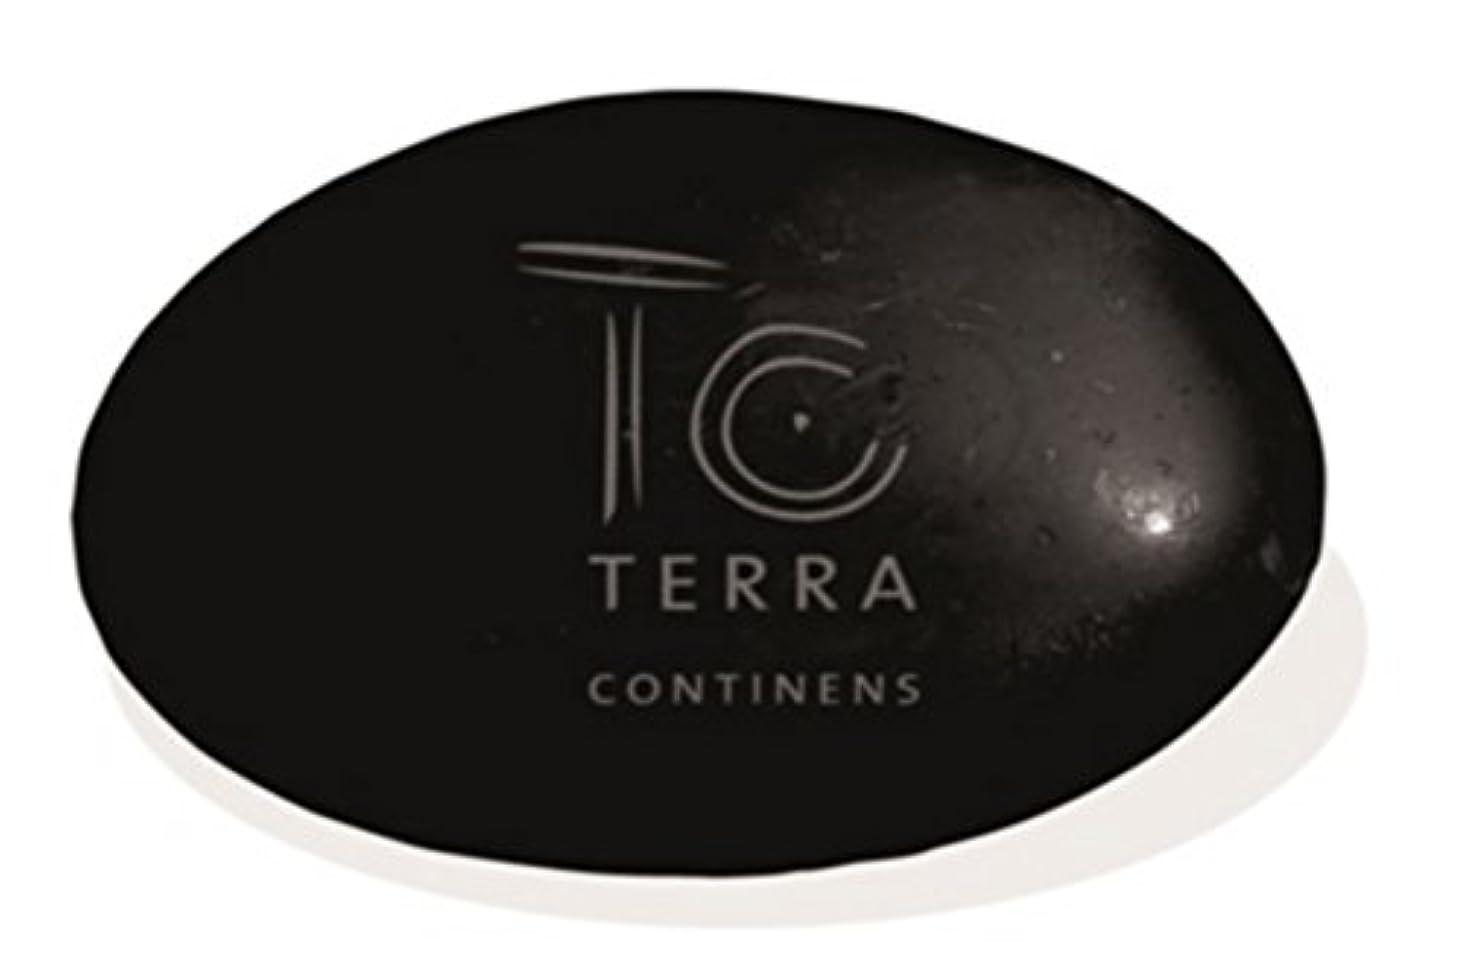 構築するソーセージ抽選TERRA CONTINENS(テラコンティナンス) ソープ 75g 「カナック」 3760067360024